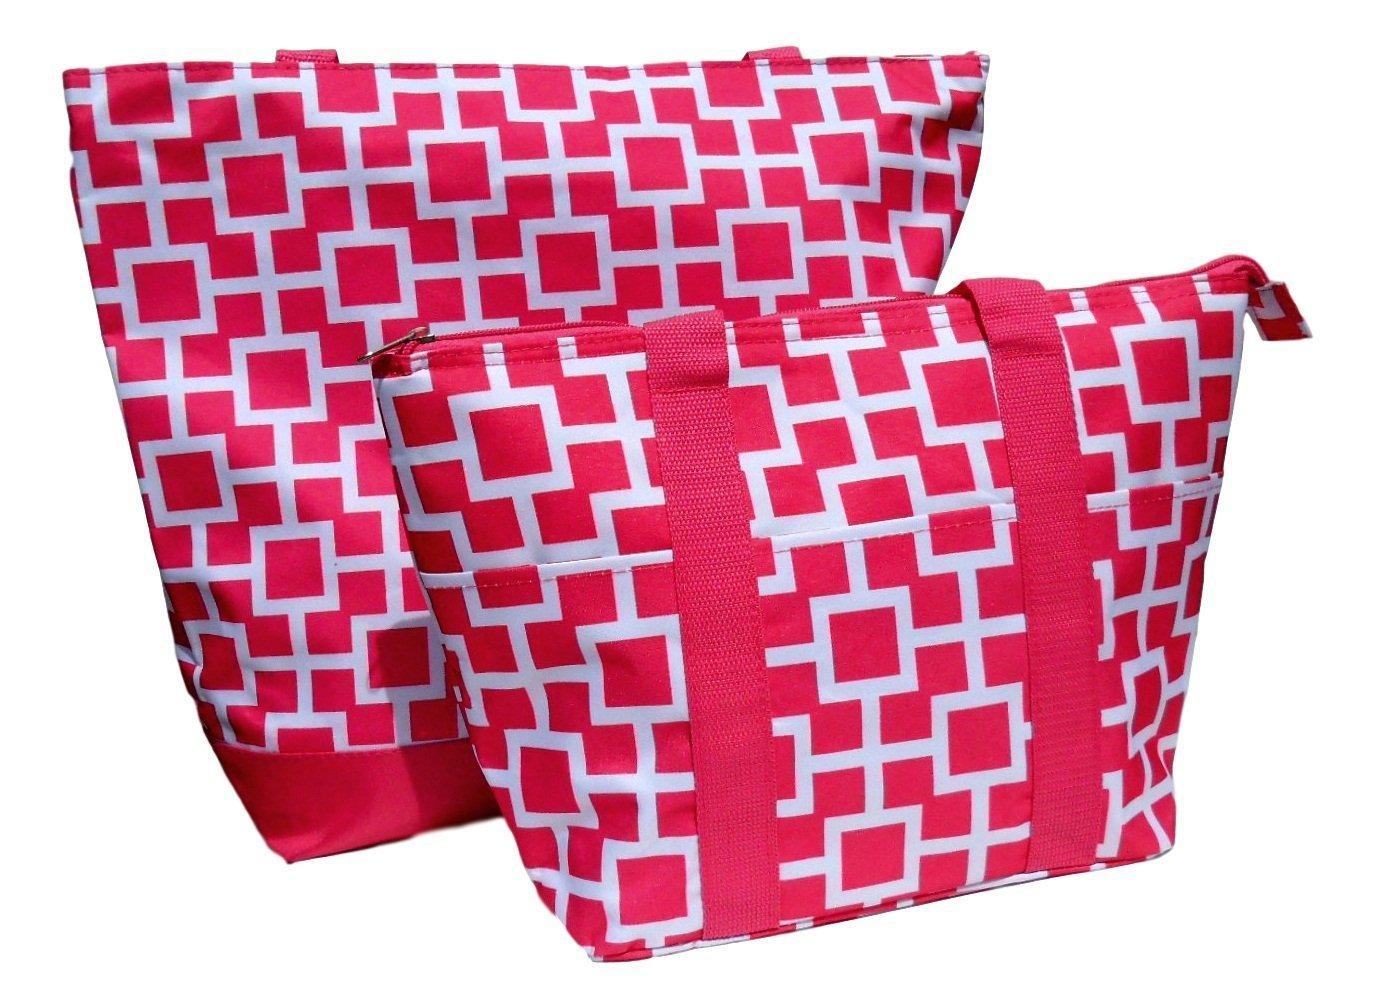 驚きの値段で Sale 2 in Pieces 1トートバッグ& B06Y4DH39X Insulated LunchボックスセットクリスマスStocking Stuffer Gift Idea 2 by TravelNut (アソートカラー) ST18LT115-1330-1 B06Y4DH39X 2 Pieces Pink Squares 2 Pieces Pink Squares, ユカワファニチュア:79501fad --- 4x4.lt